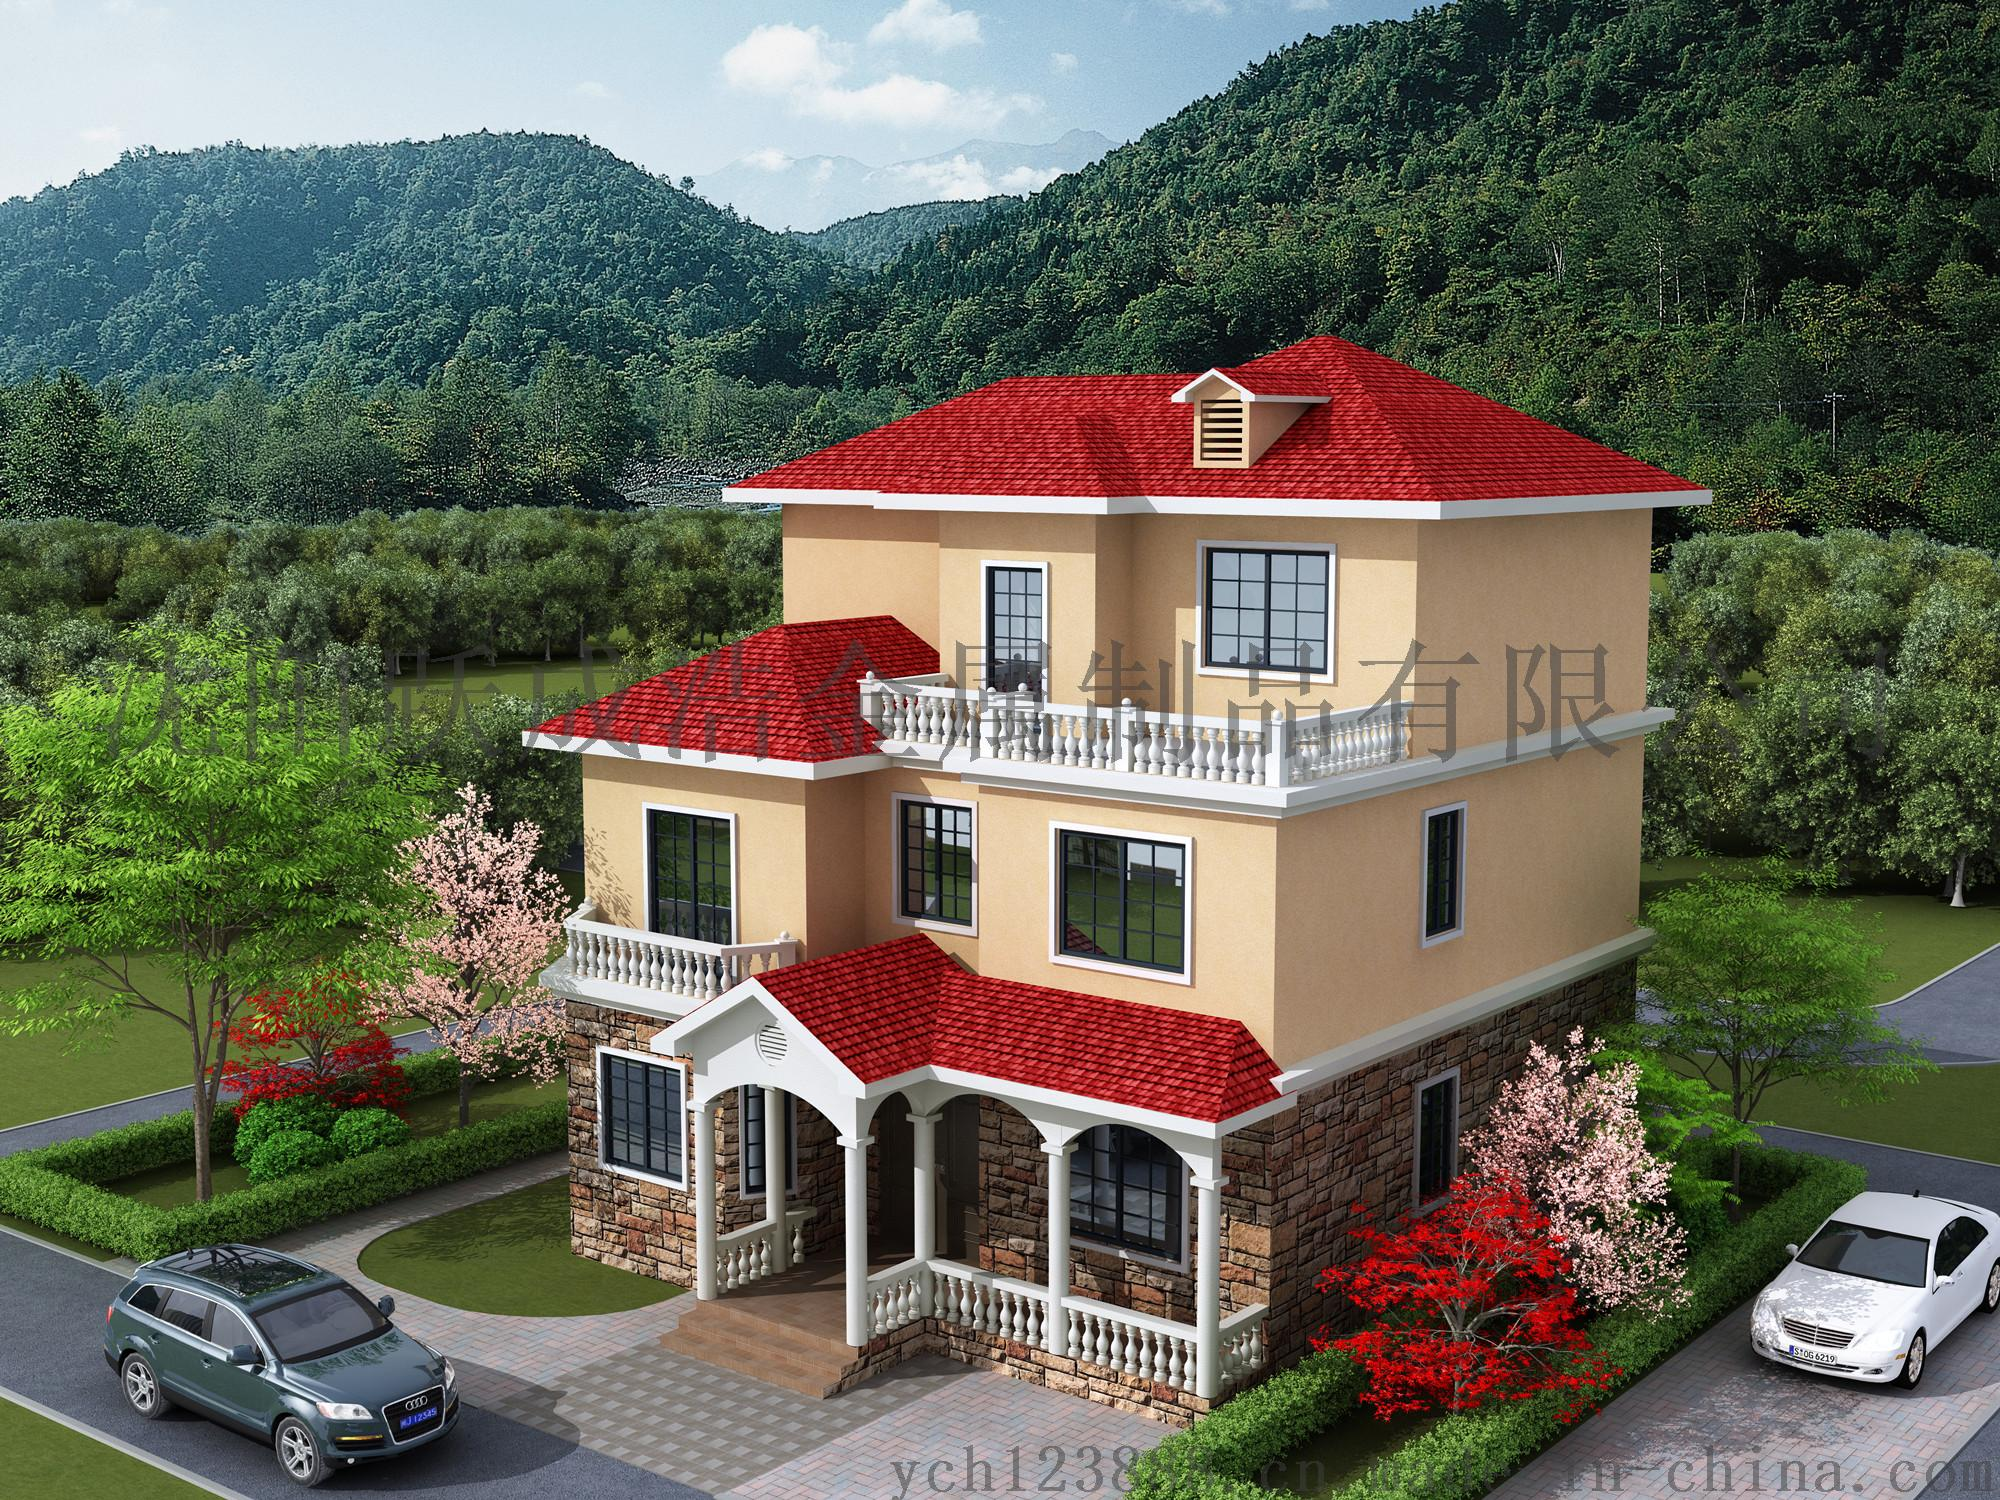 东北钢结构房屋,轻钢别墅,承接棚户区改造项目图片